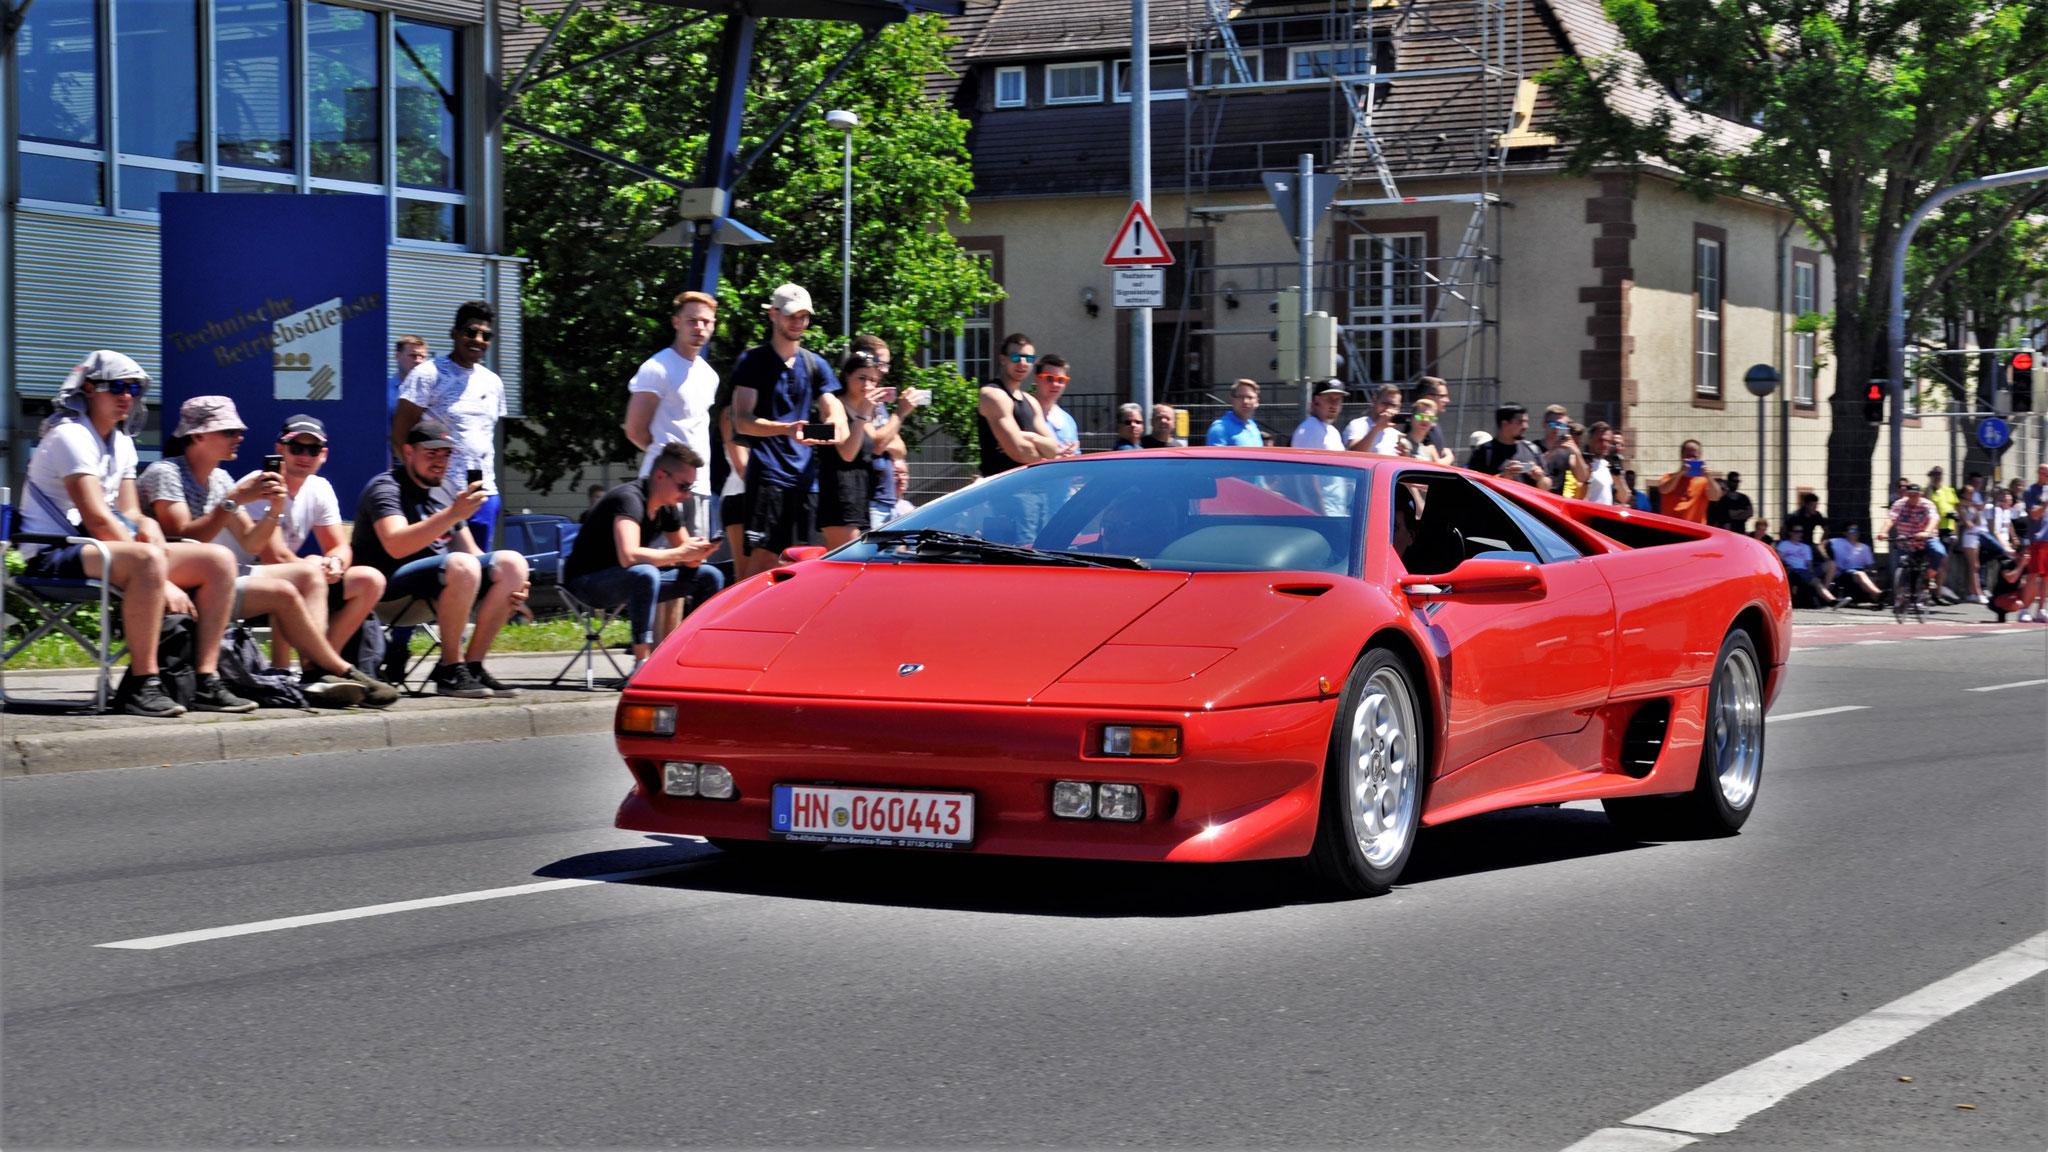 Lamborghini Diablo - HN-060443